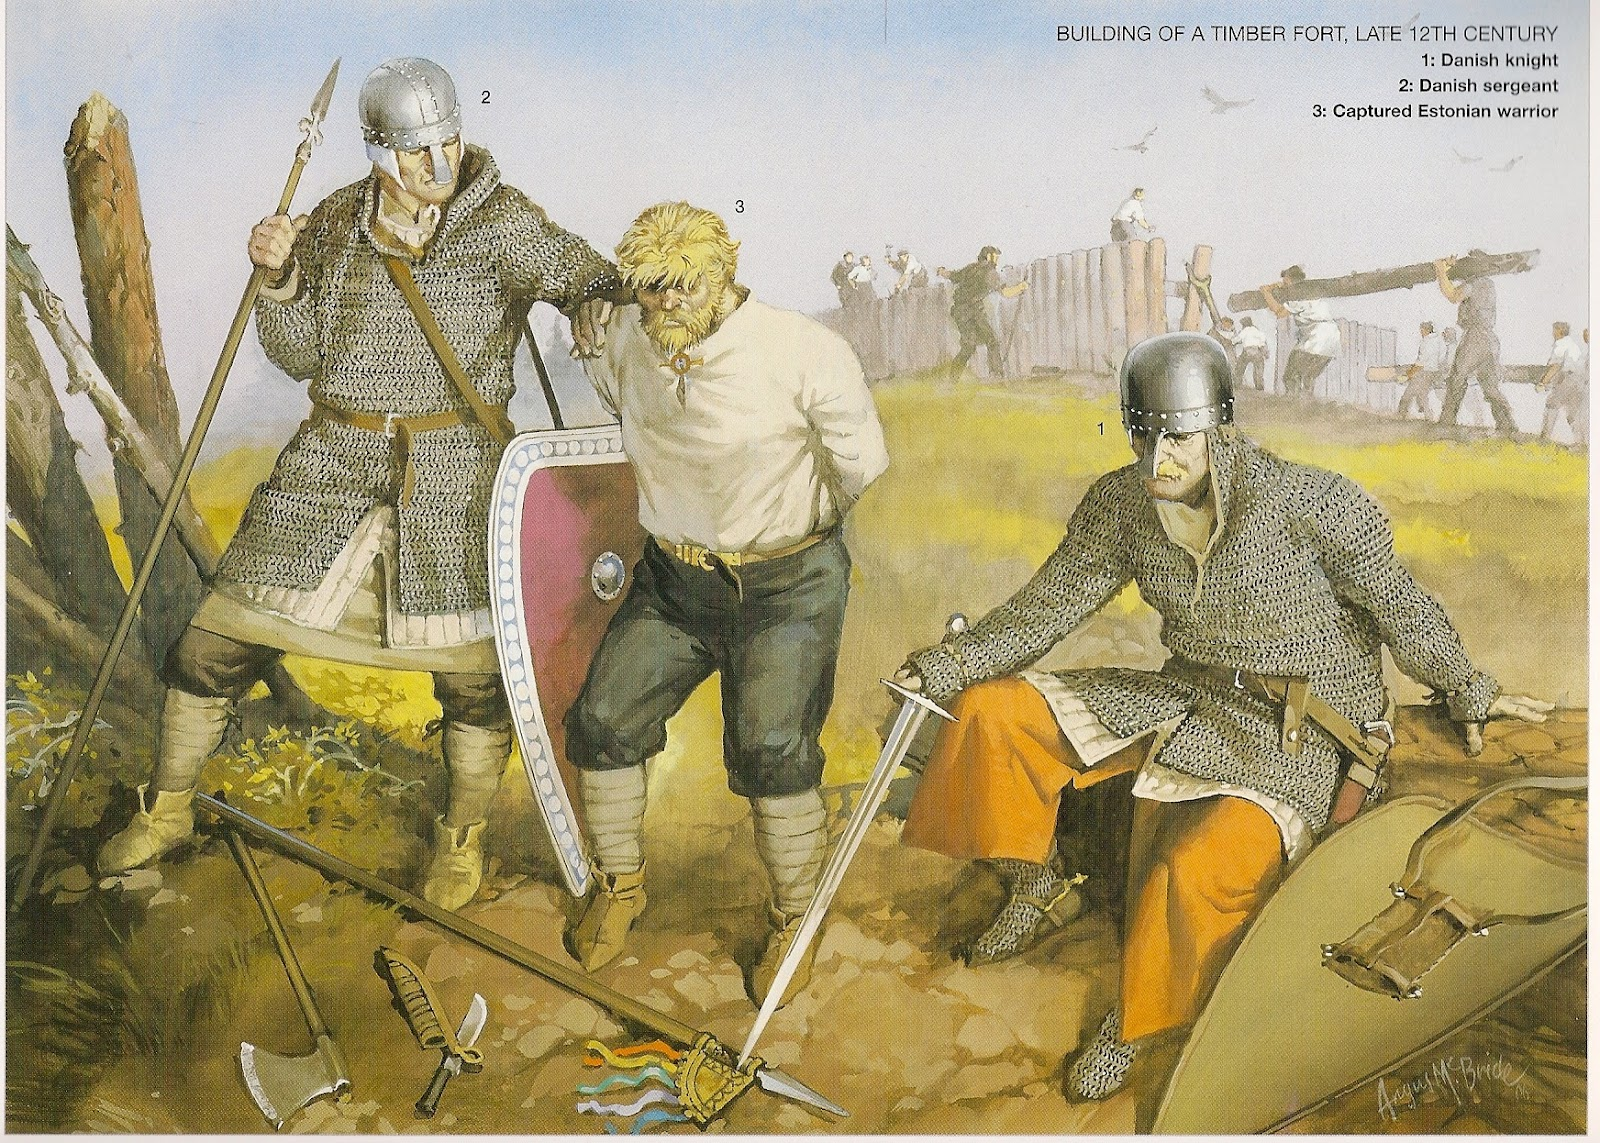 Средневековый мультикультурализм